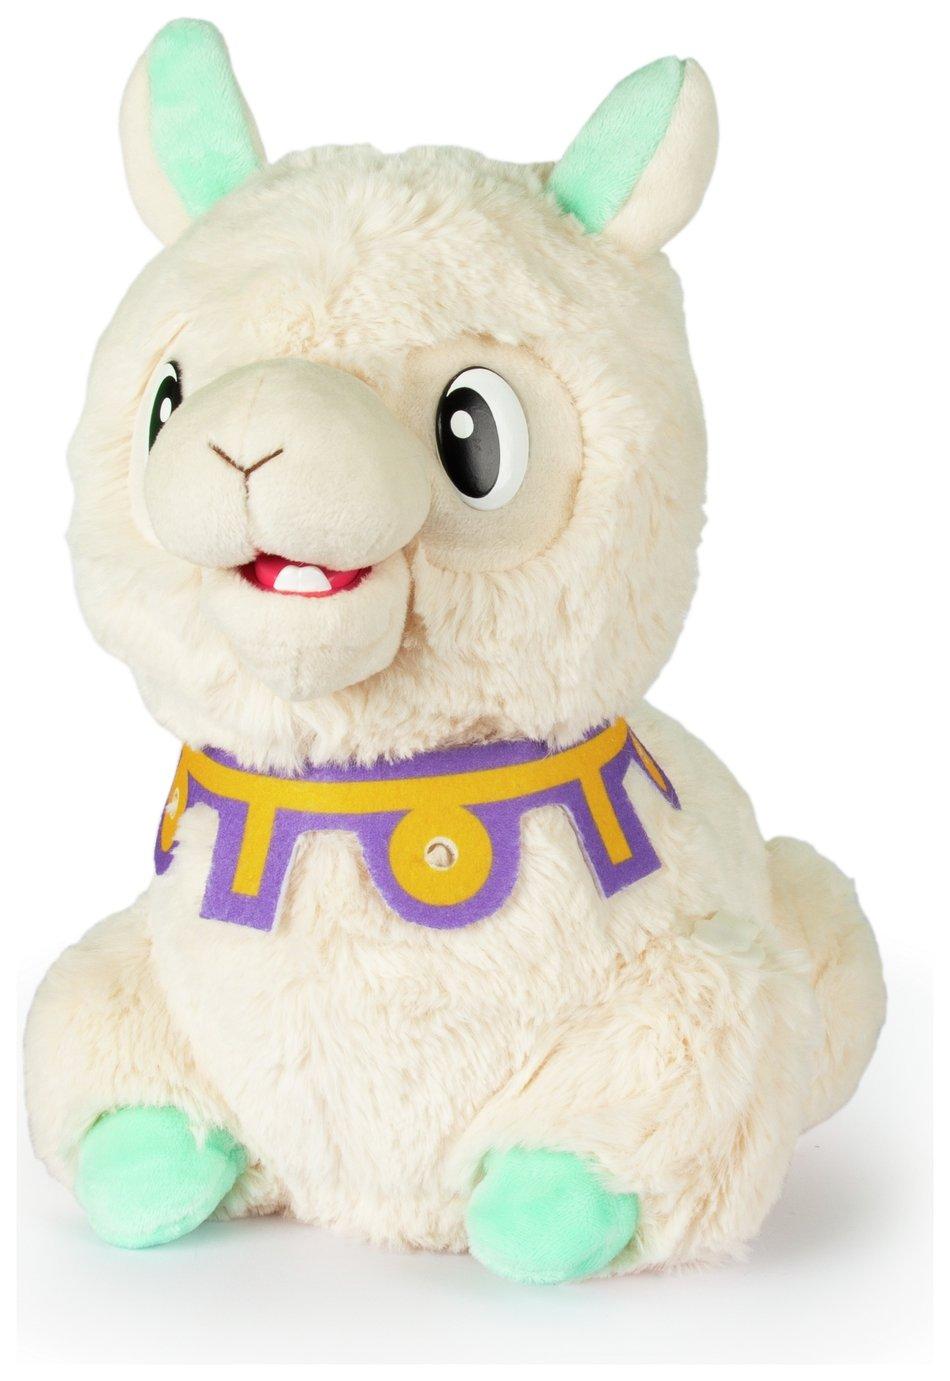 Club Petz Spitzy the Llama Soft Toy